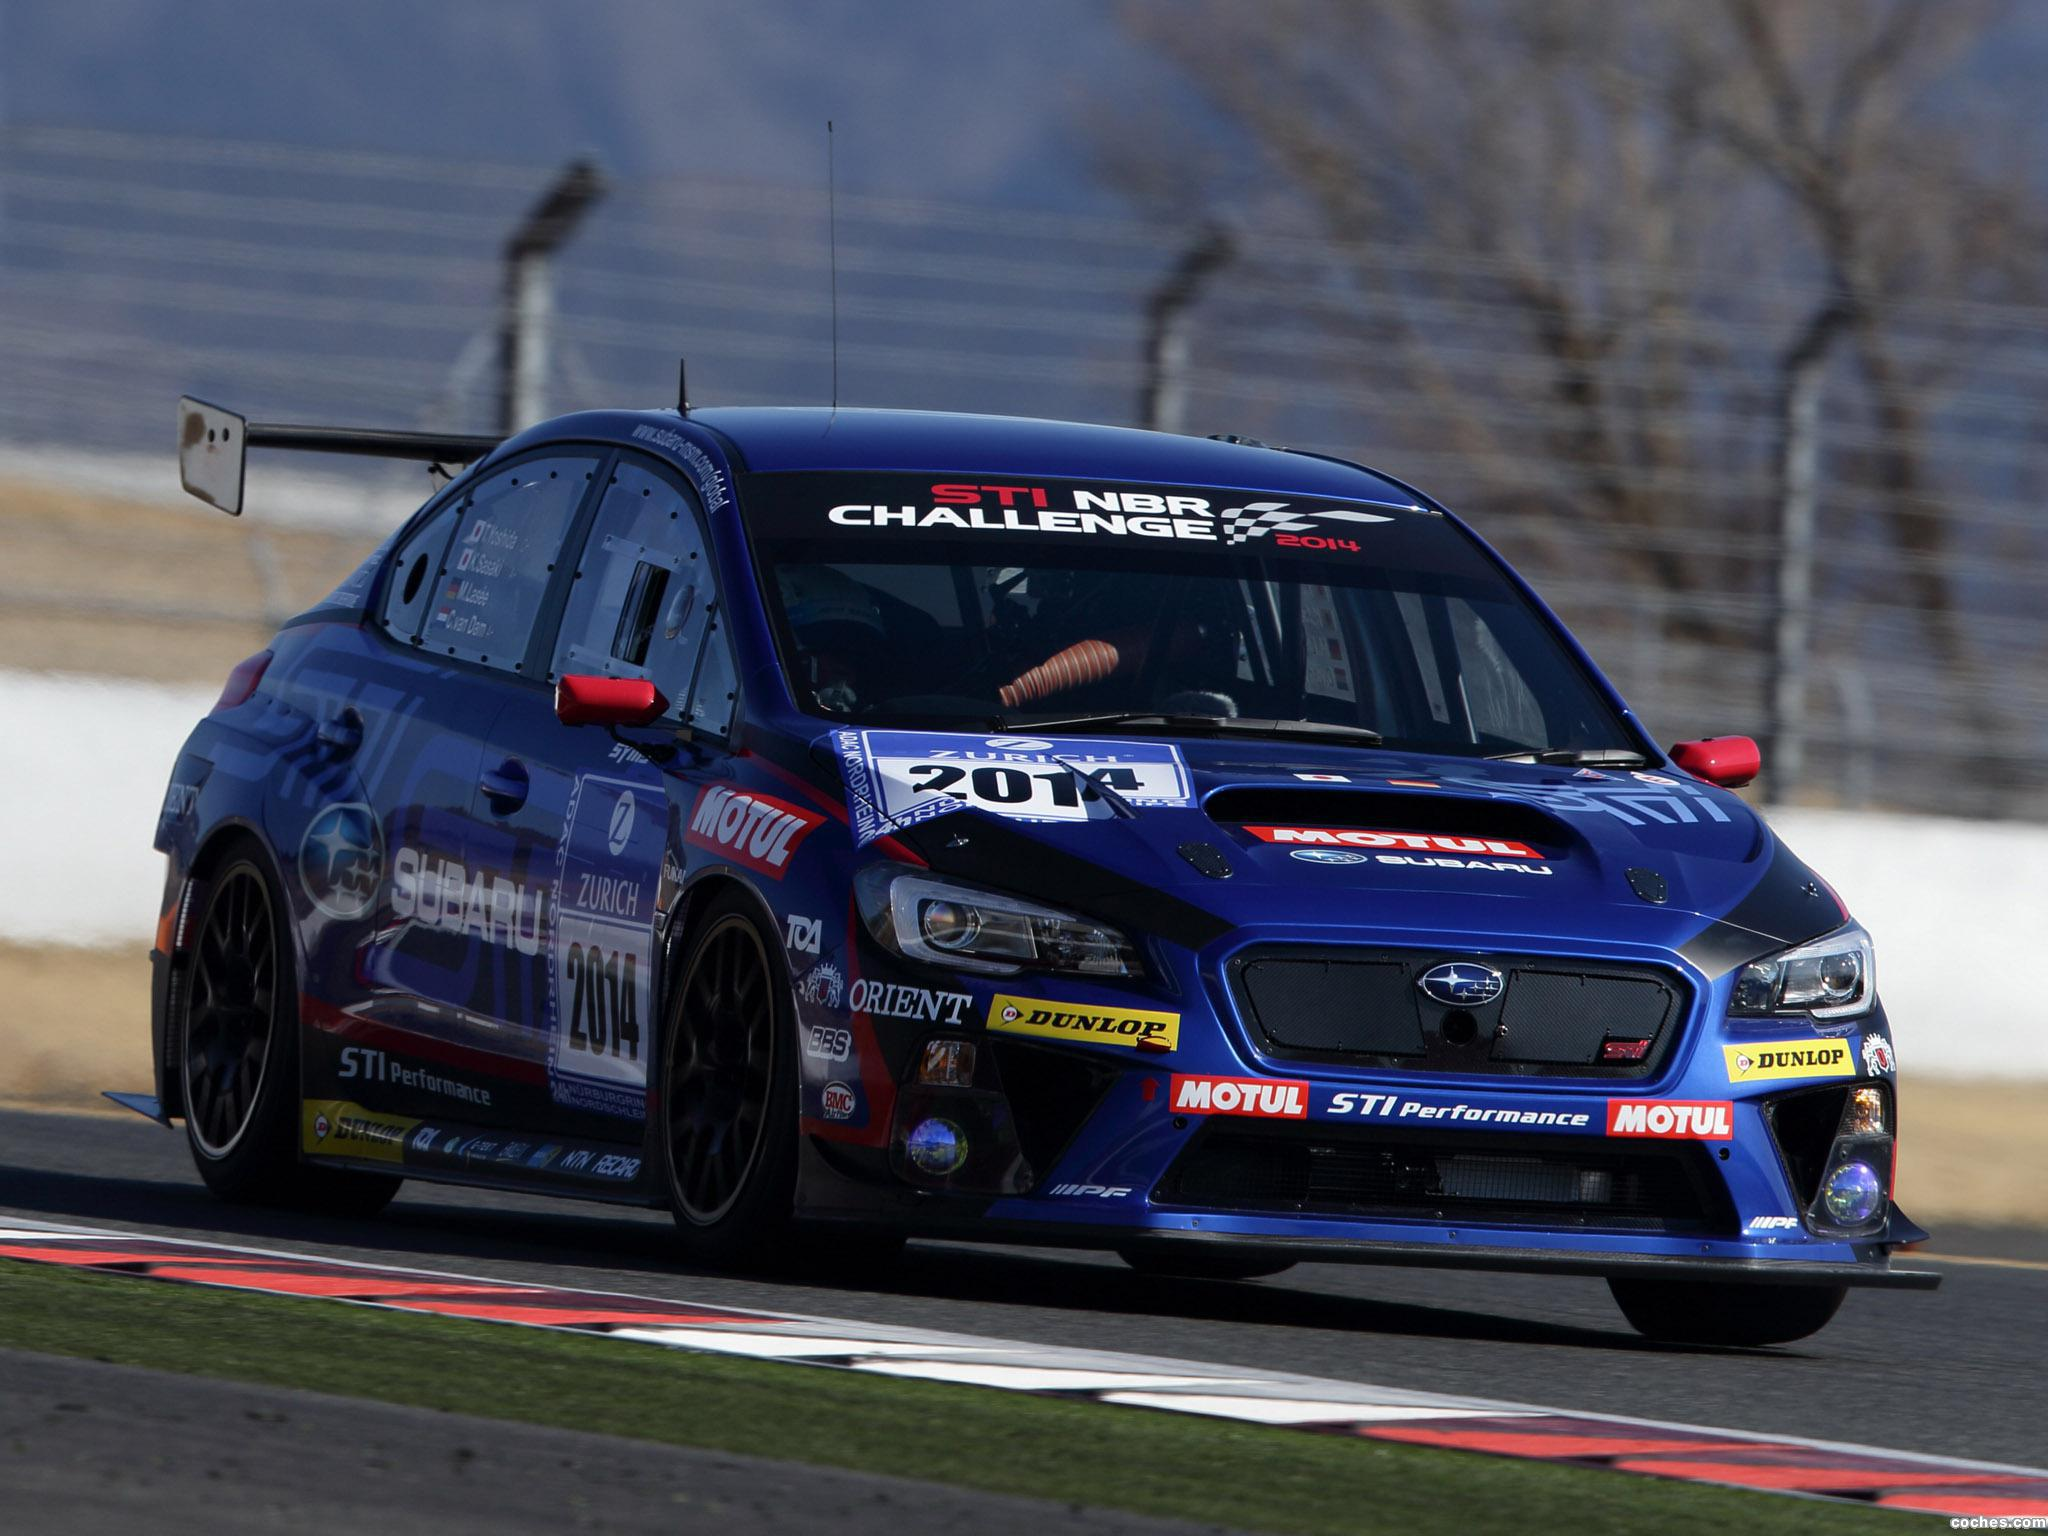 Foto 1 de Subaru WRX STI Race Car 2014